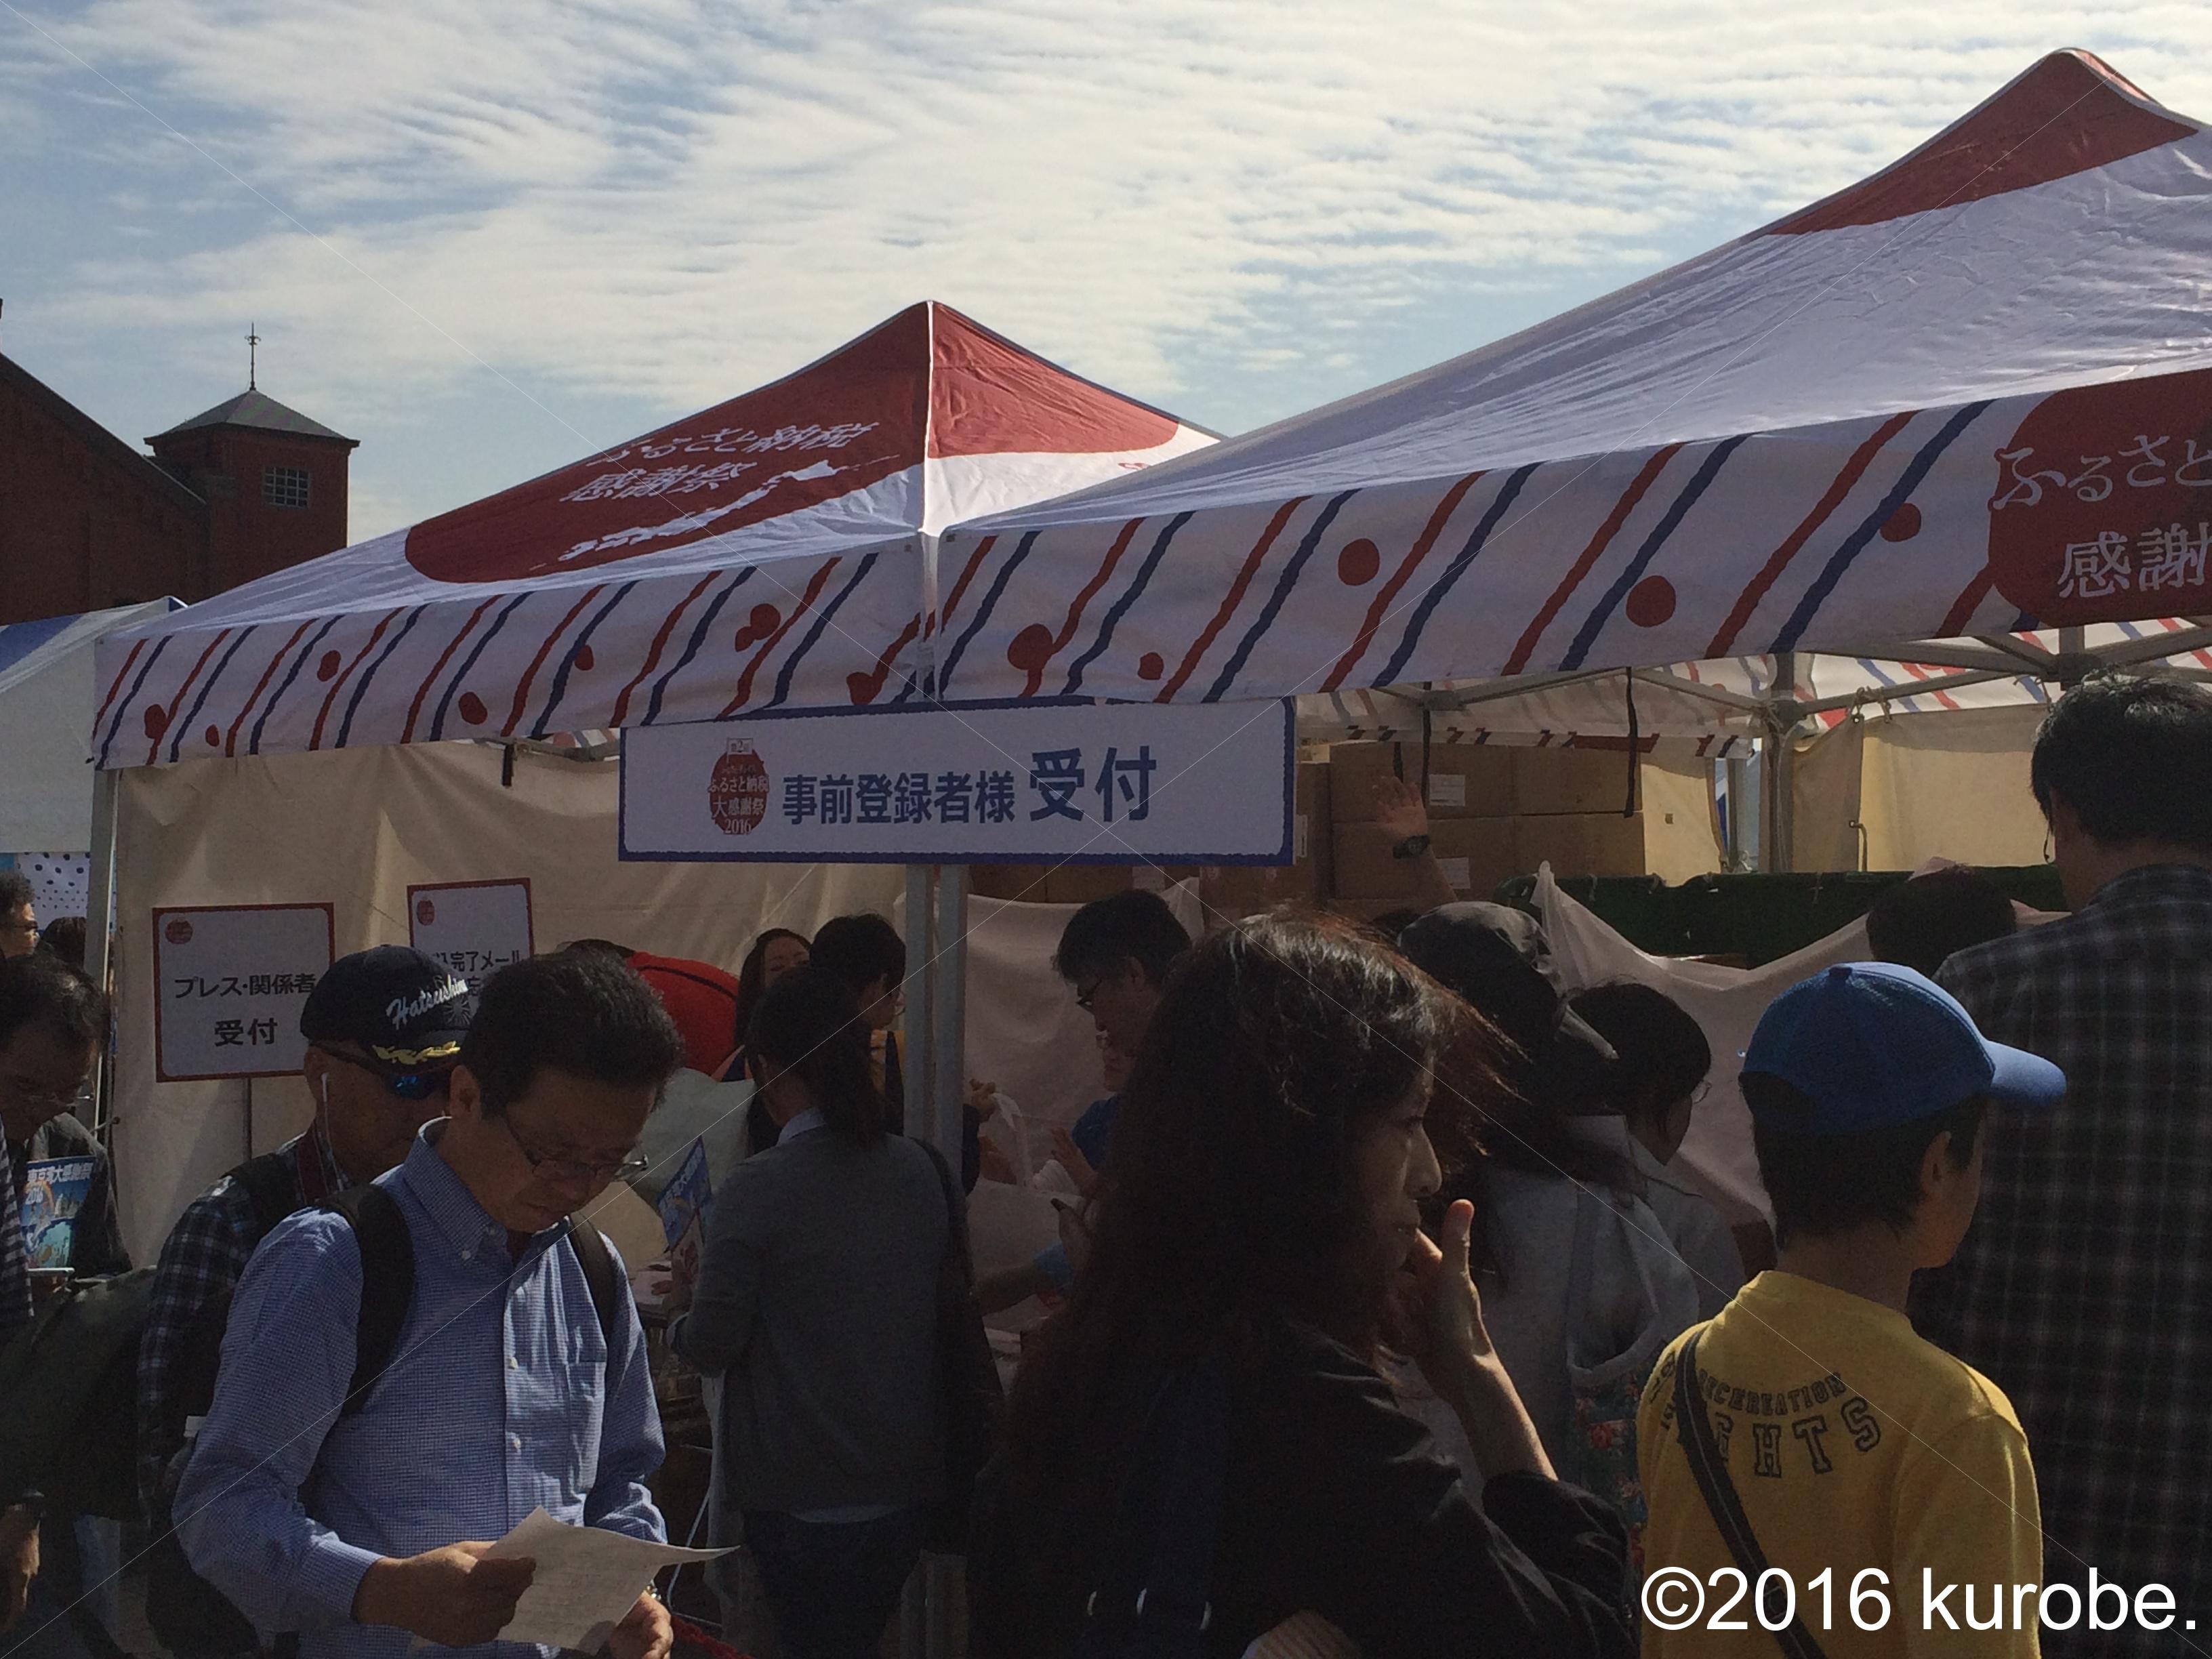 ふるさと納税大感謝祭 横浜